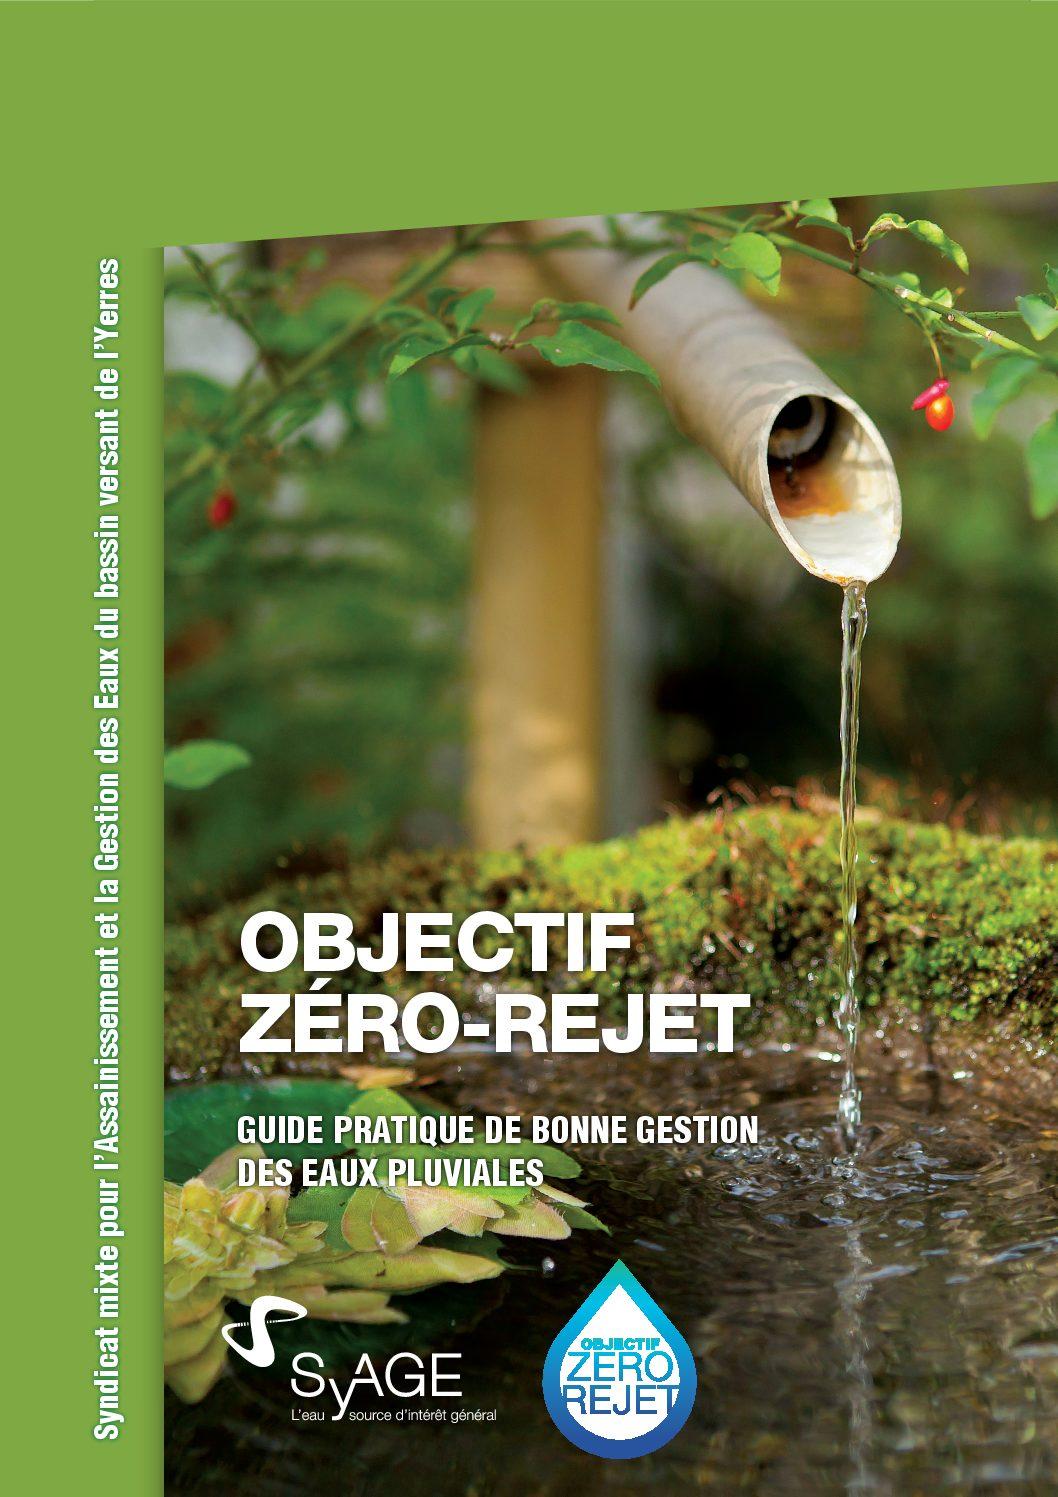 Objectif Zéro rejet - Guide pratique - Eaux pluviales